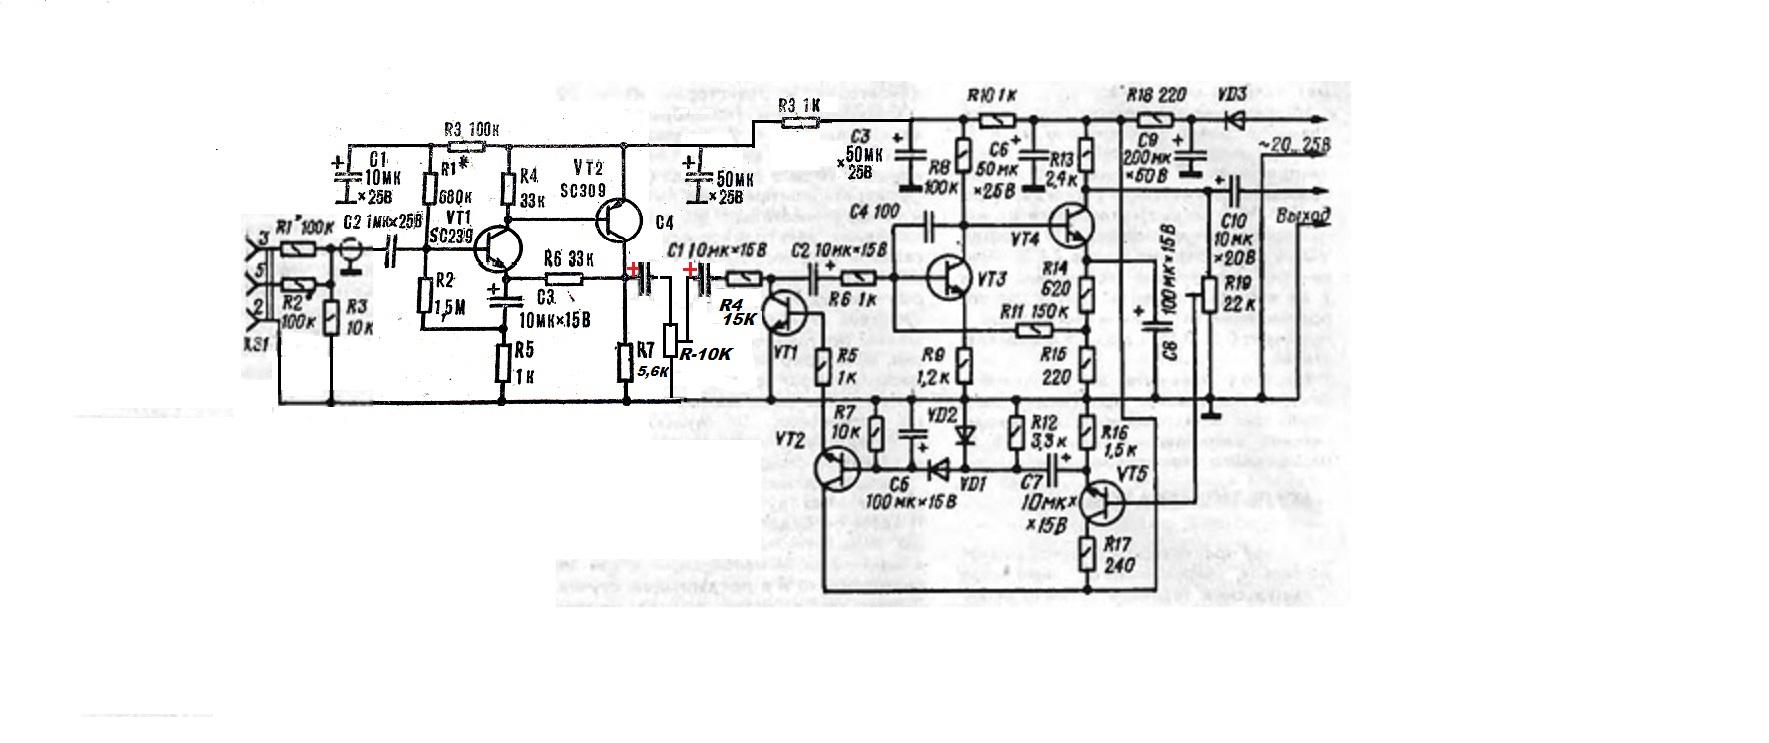 Радиоэлектронные схемы своими руками